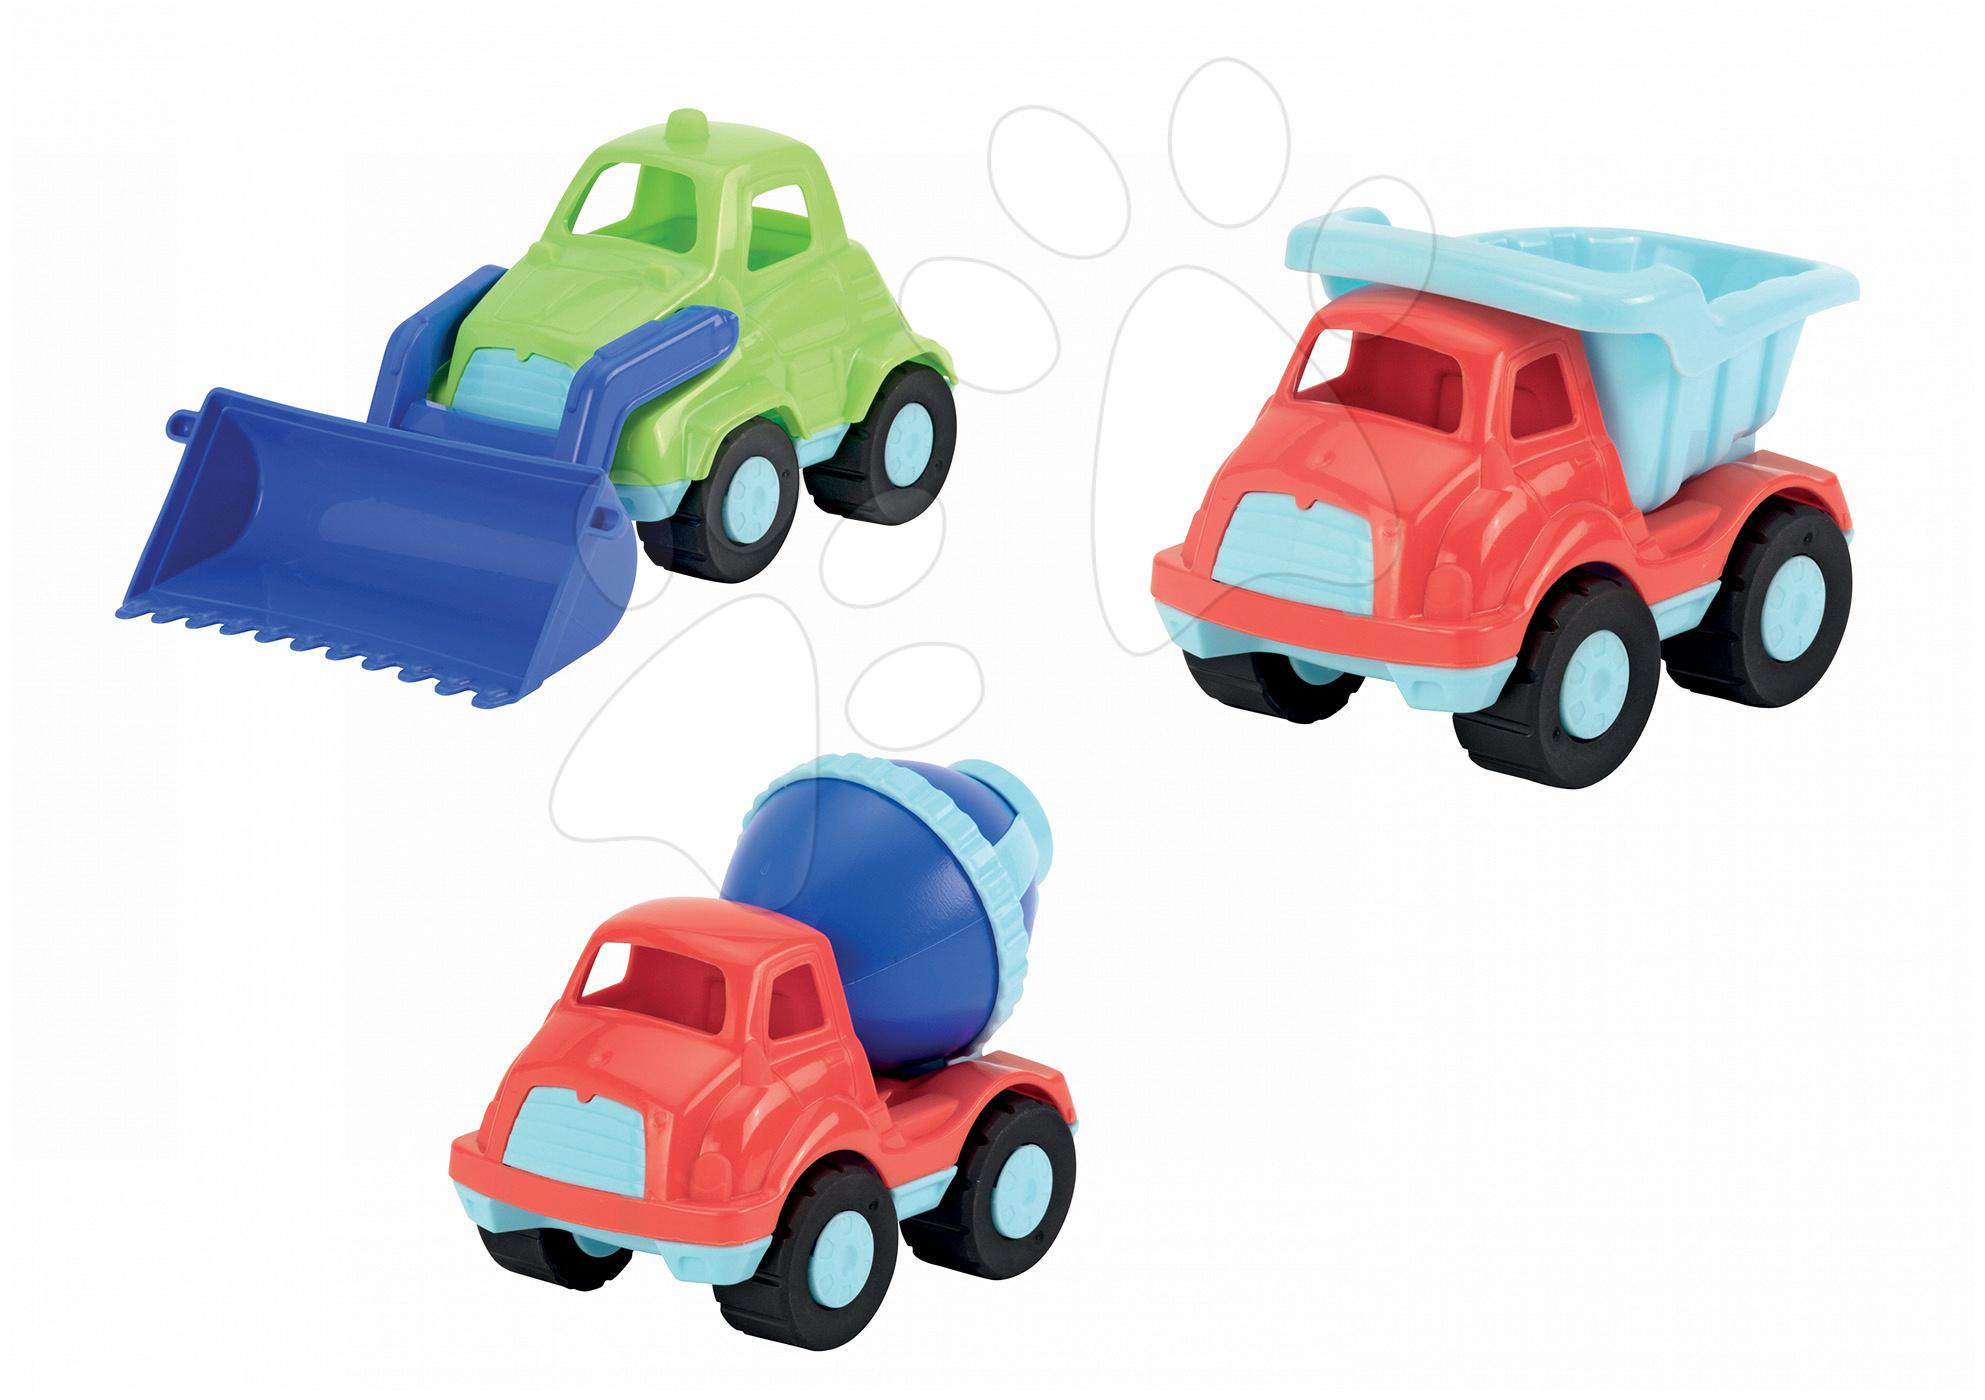 Auta do písku - Auto Écoiffier 3 kusy sklápěč, míchačka, nakladač délka 21 cm od 18 měsíců